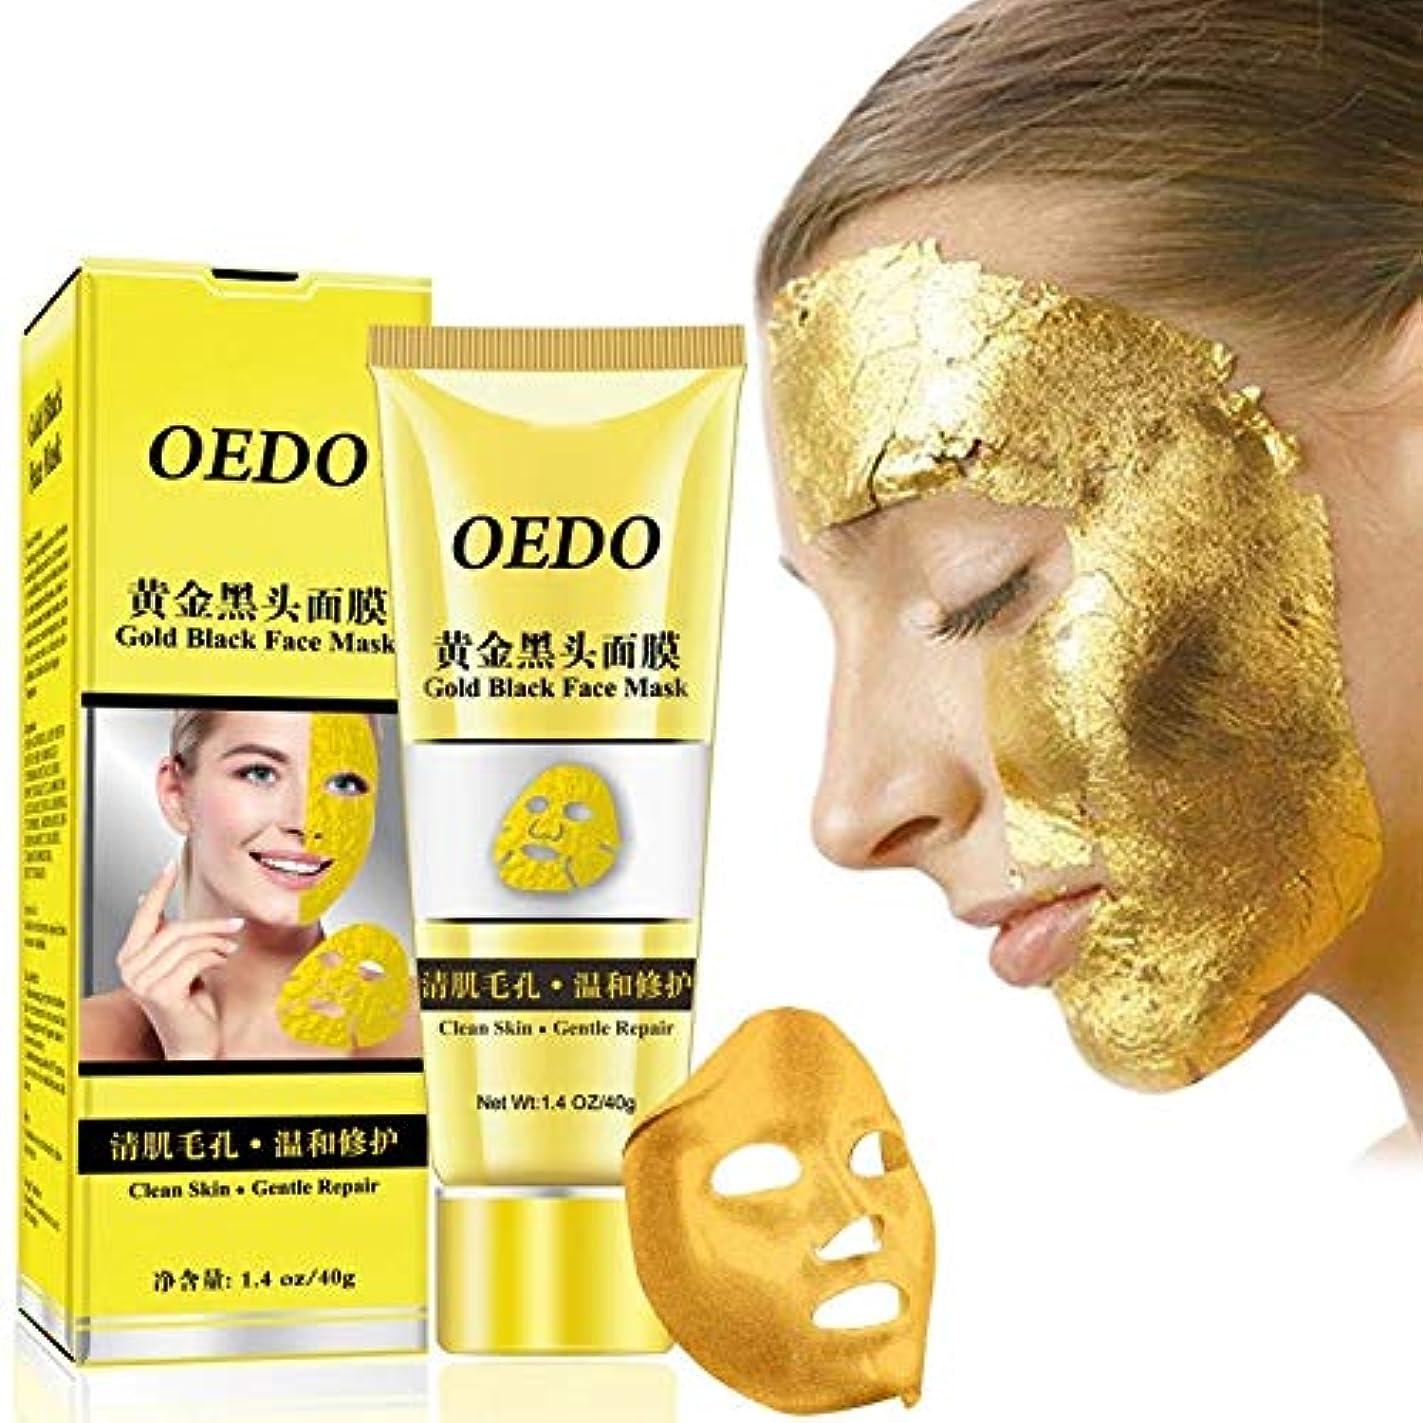 ほうき可能性バウンドゴールドコラーゲンフェイシャルマスク、毛穴をはがすクリーナーフェイススキンケアマスク、ホワイトニングアンチリンクルリフティングファーミングモイスチャライジング美容ジェル、40g, Gold Collagen Facial Mask, Peel Off Blackhead Remover Cleaner Firming Face Mask,